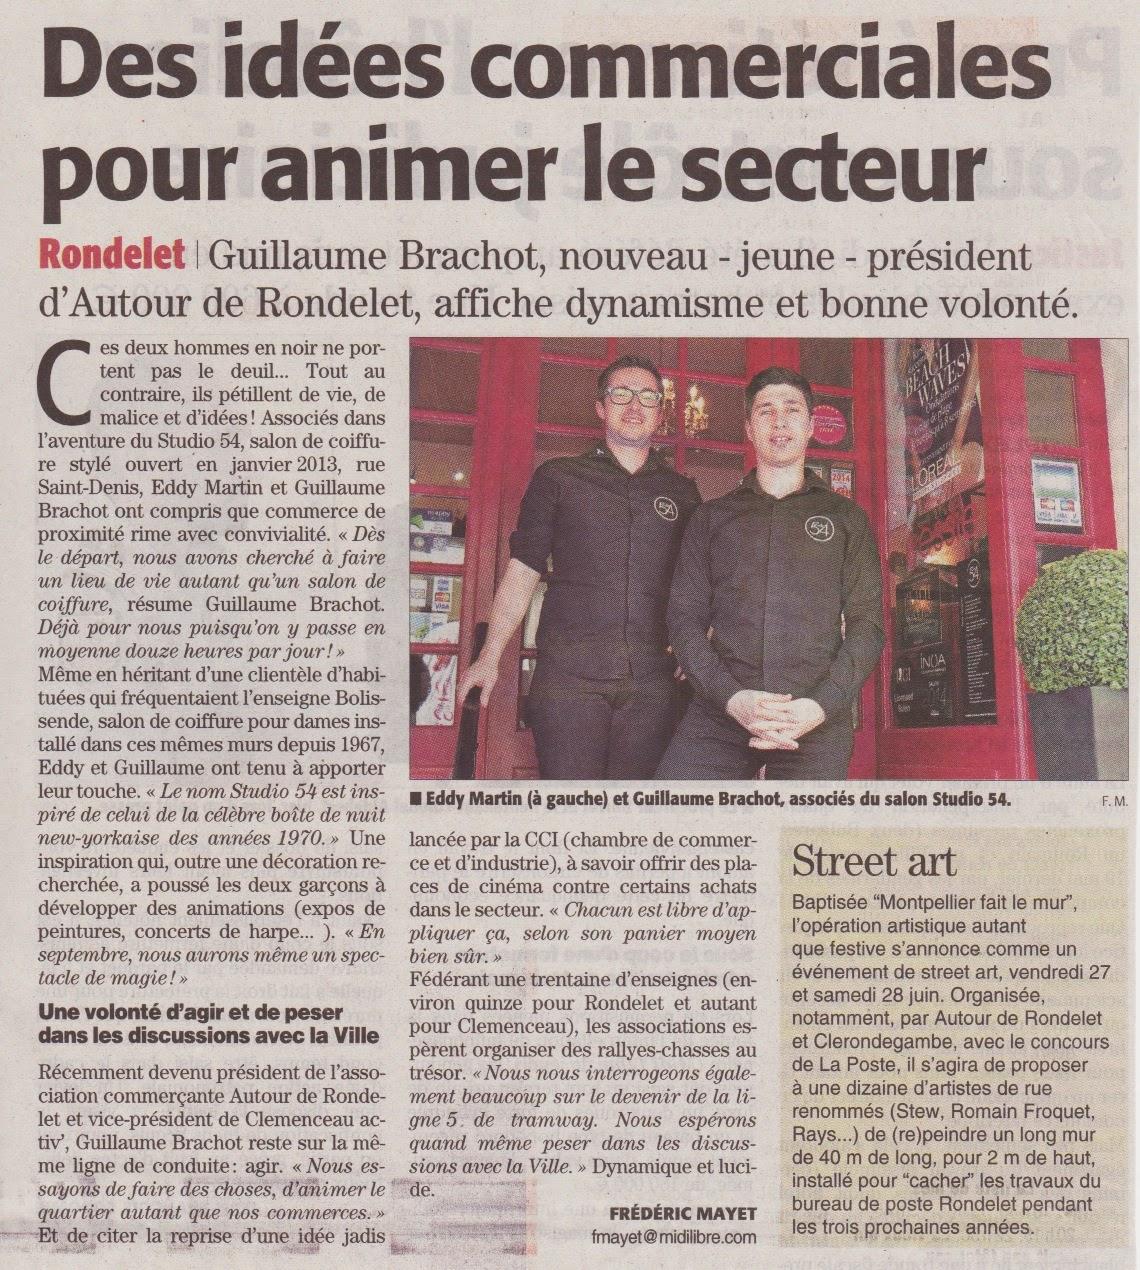 Article paru dans le Midi-Libre du samedi 07 juin 2014, édition de Montpellier.